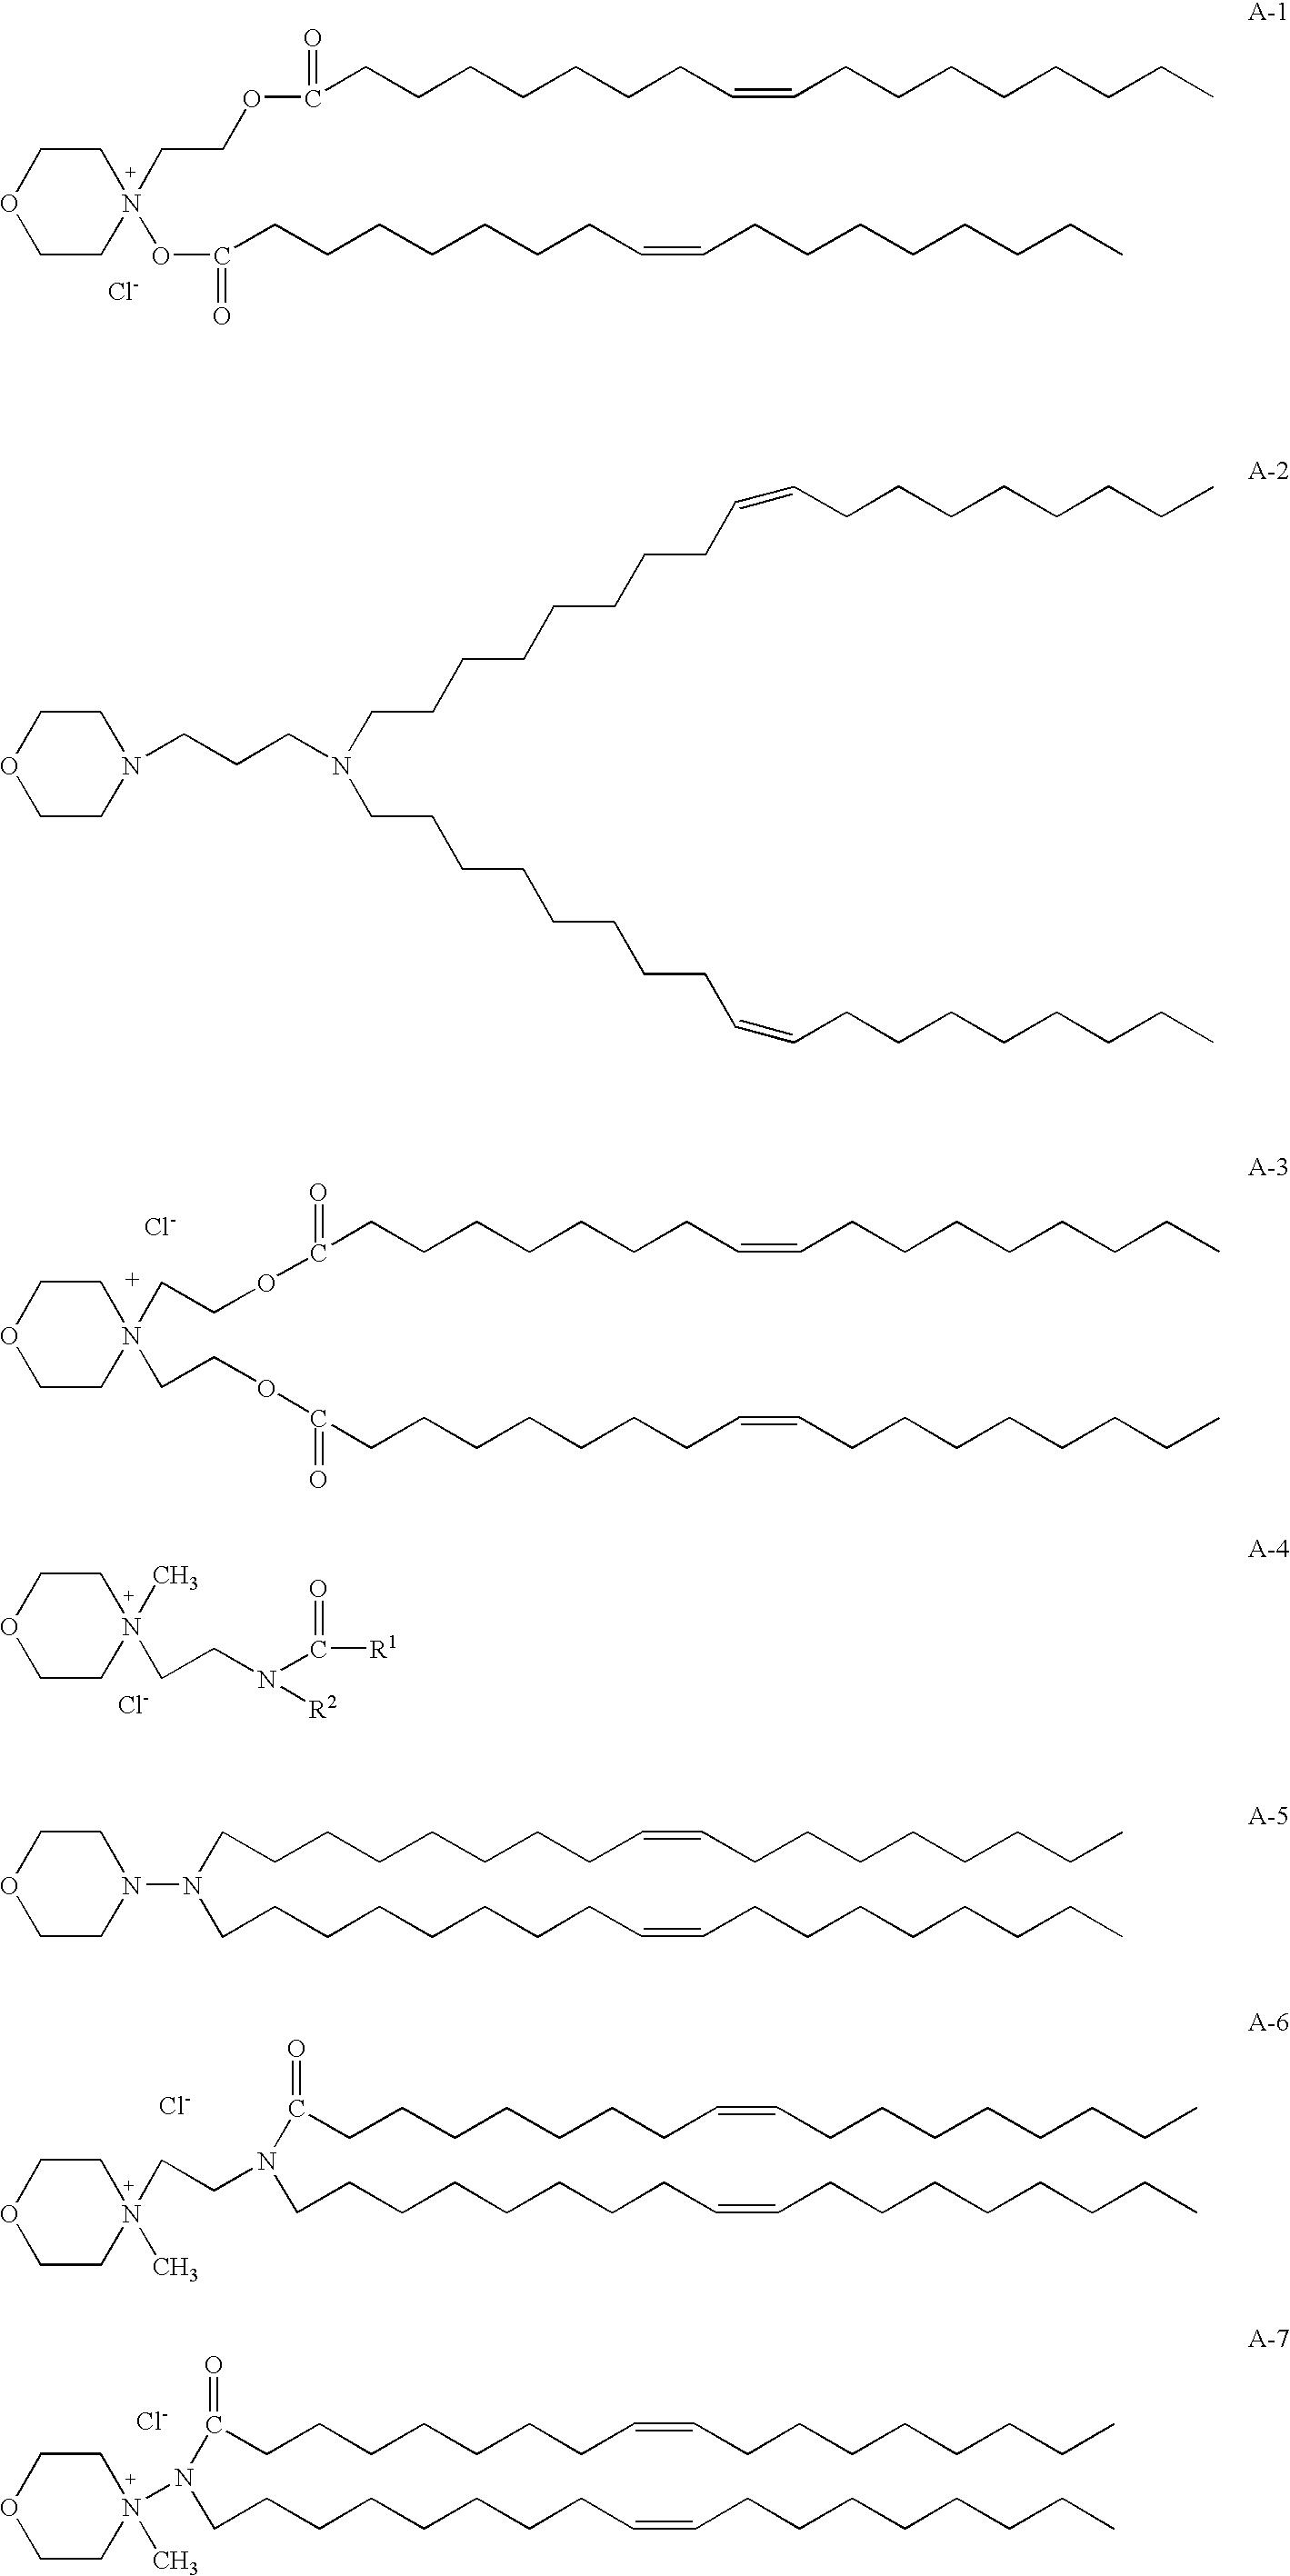 Figure US07067697-20060627-C00010